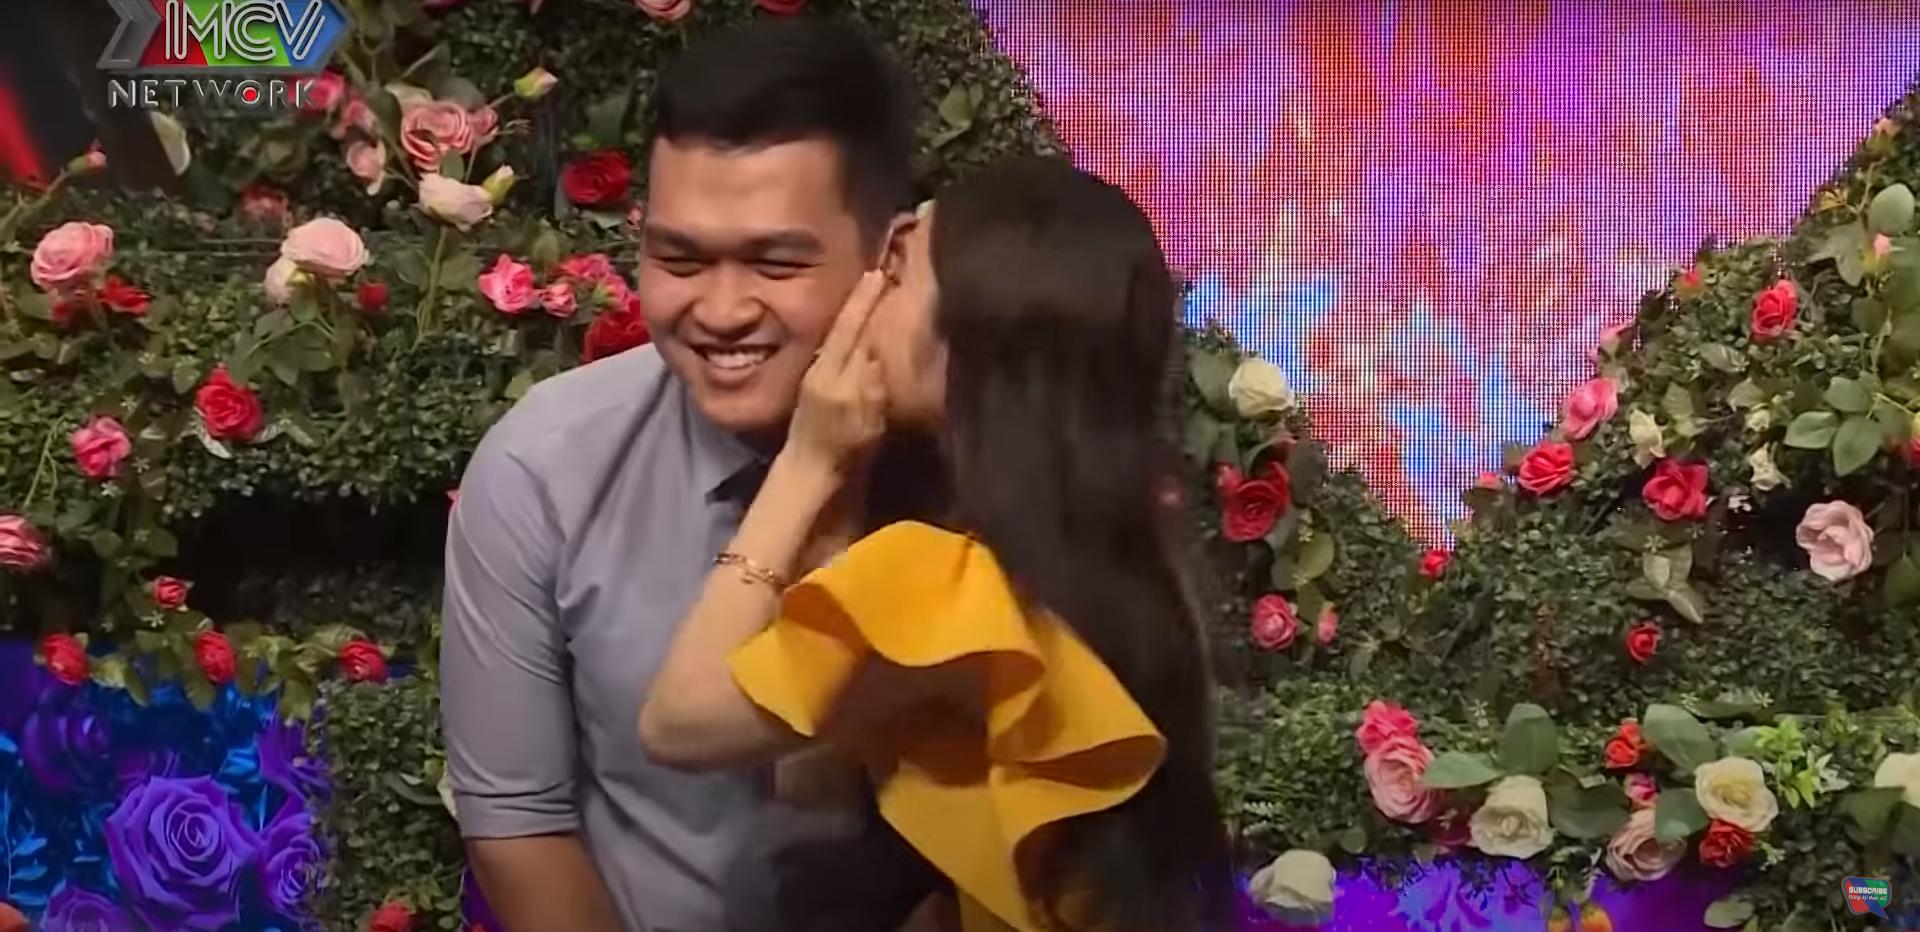 Sau đó không ngần ngại dành cho nhau nụ hôn ngọt ngào ngay trên sân khấu